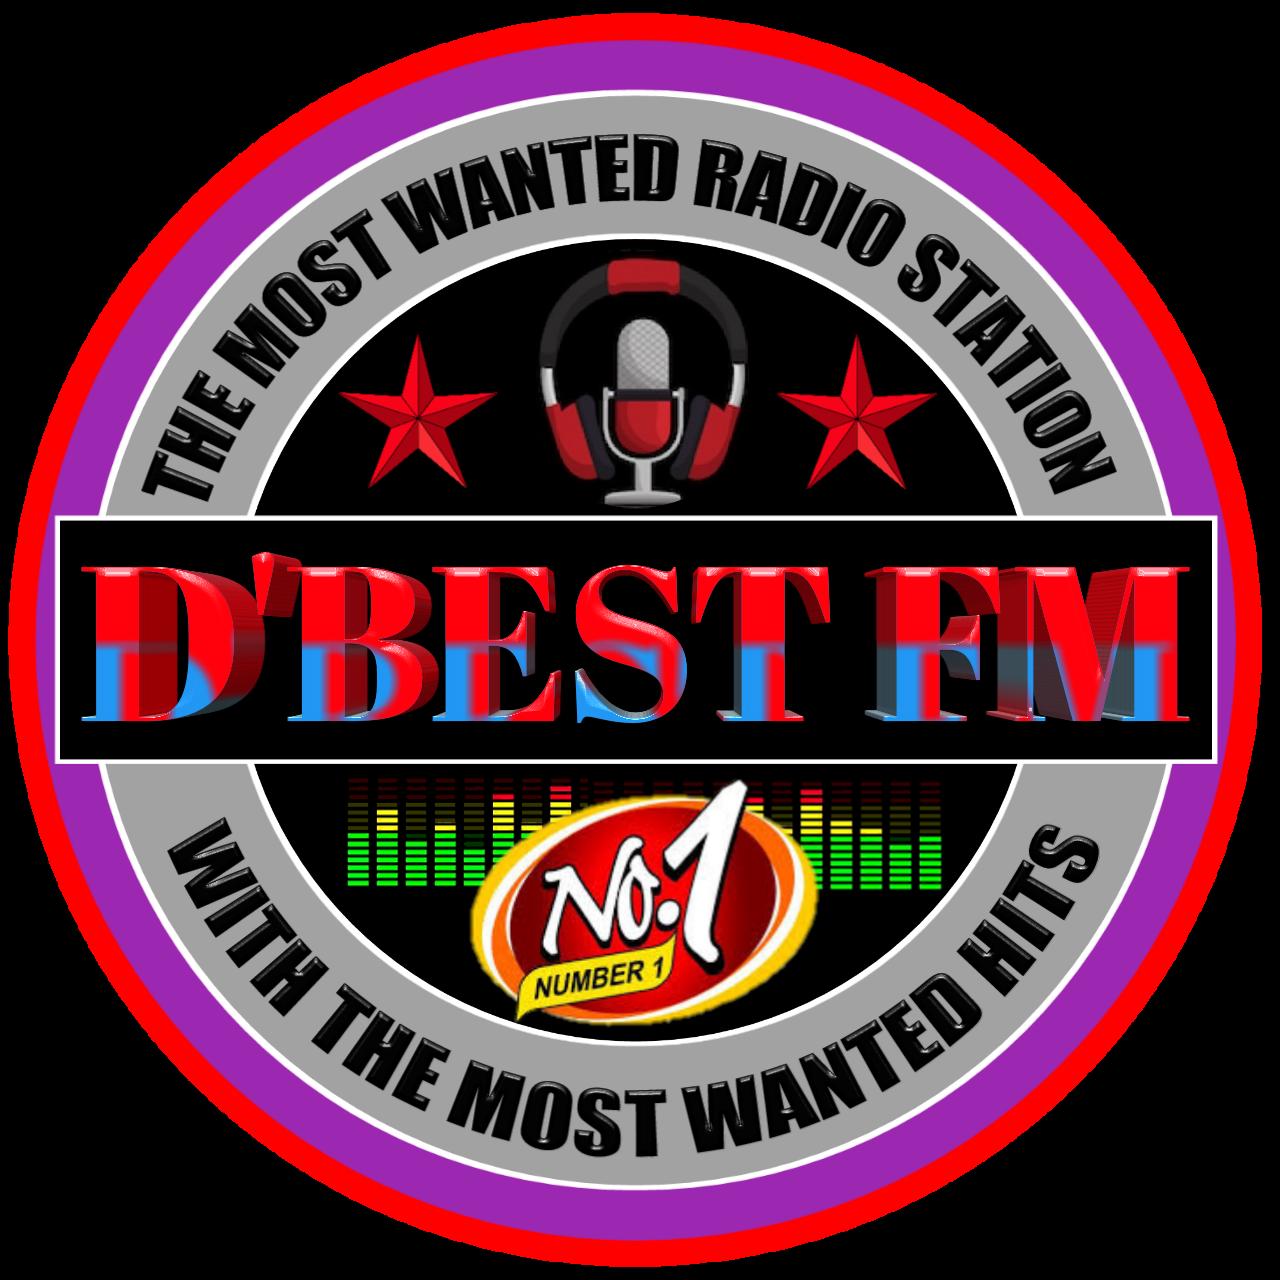 D'BEST FM